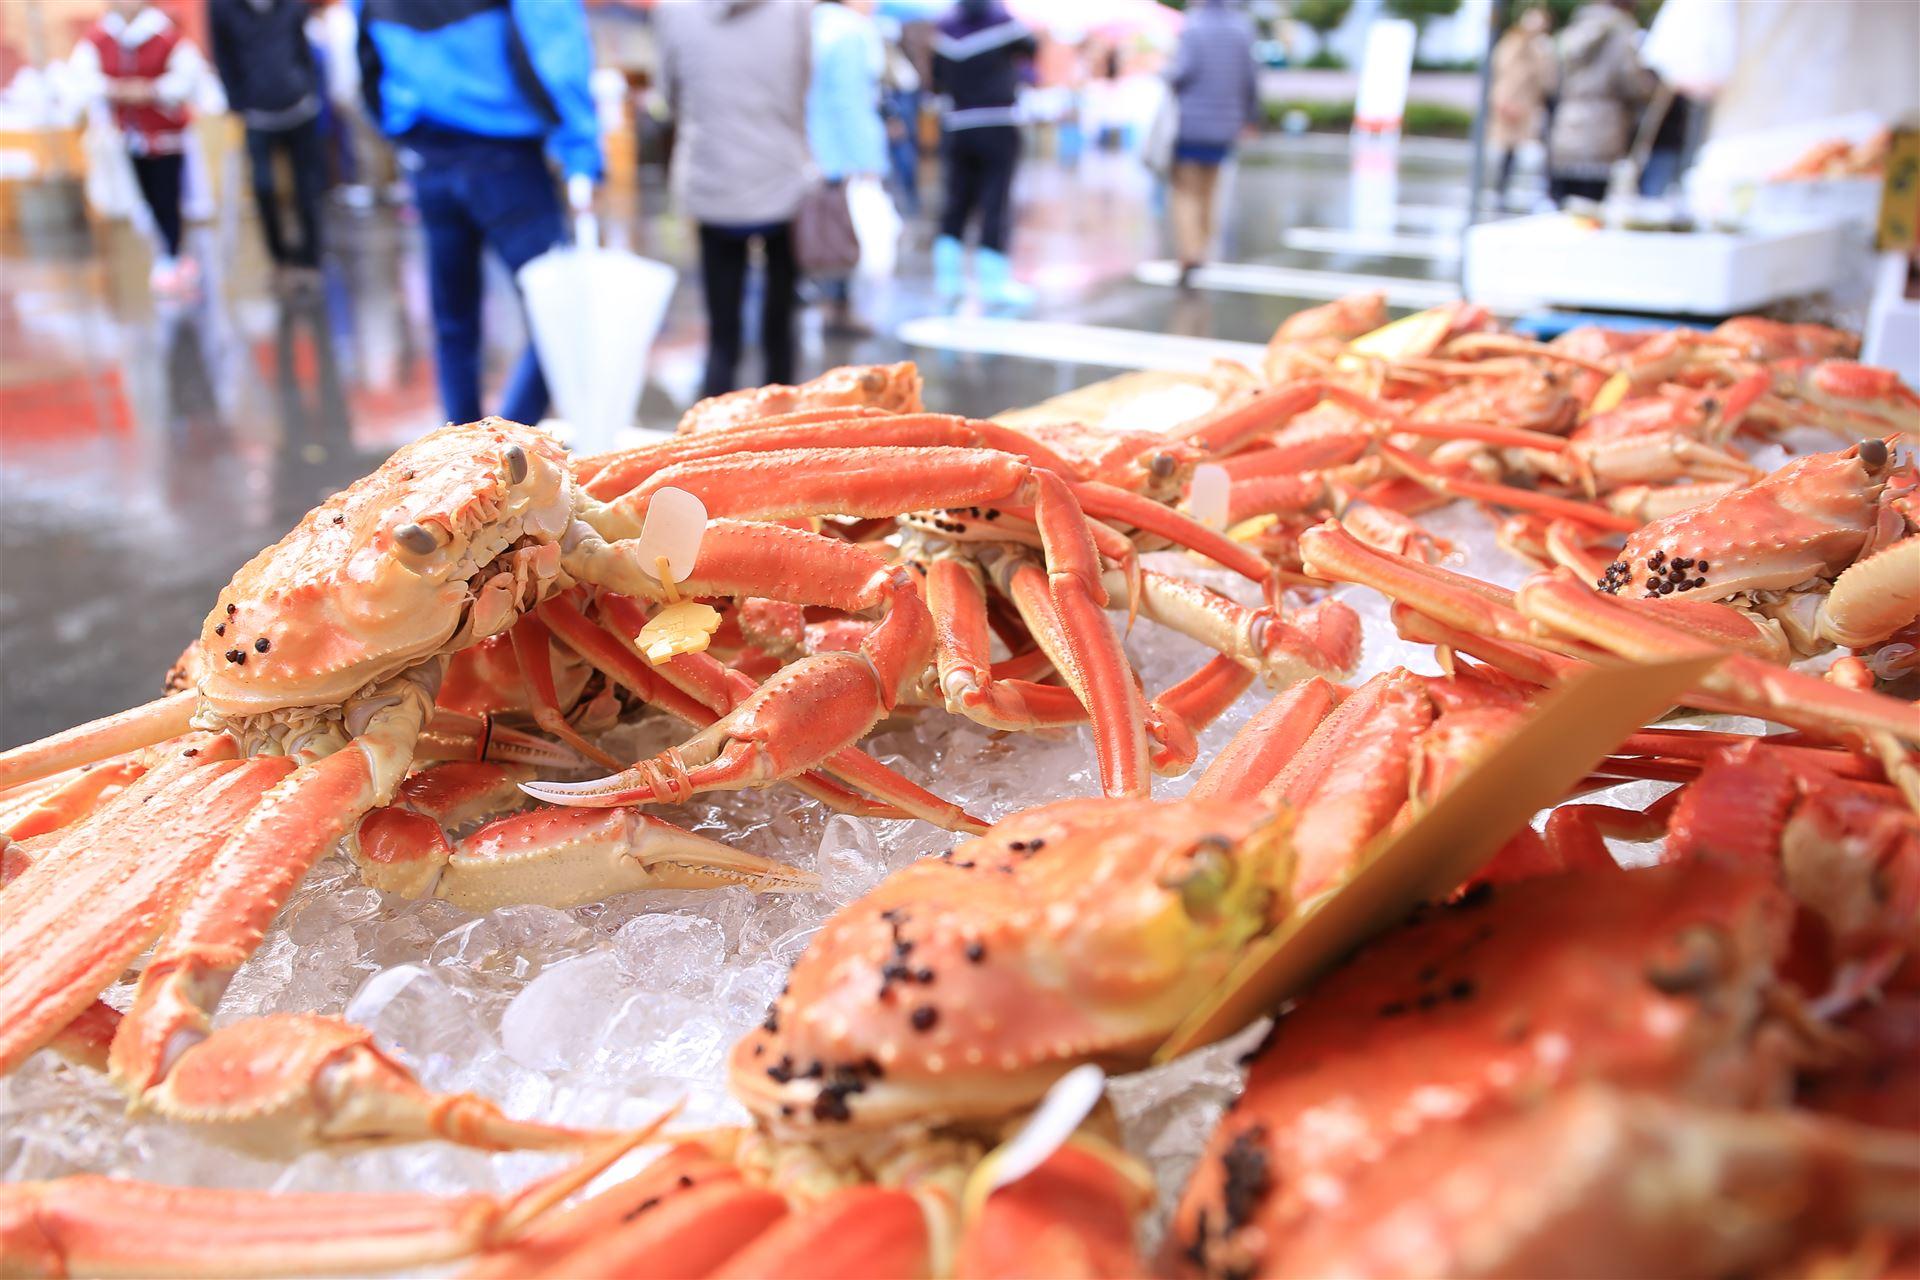 ブランドズワイガニ「越前かに」即売・海鮮グルメを堪能! 蟹の祭典開催